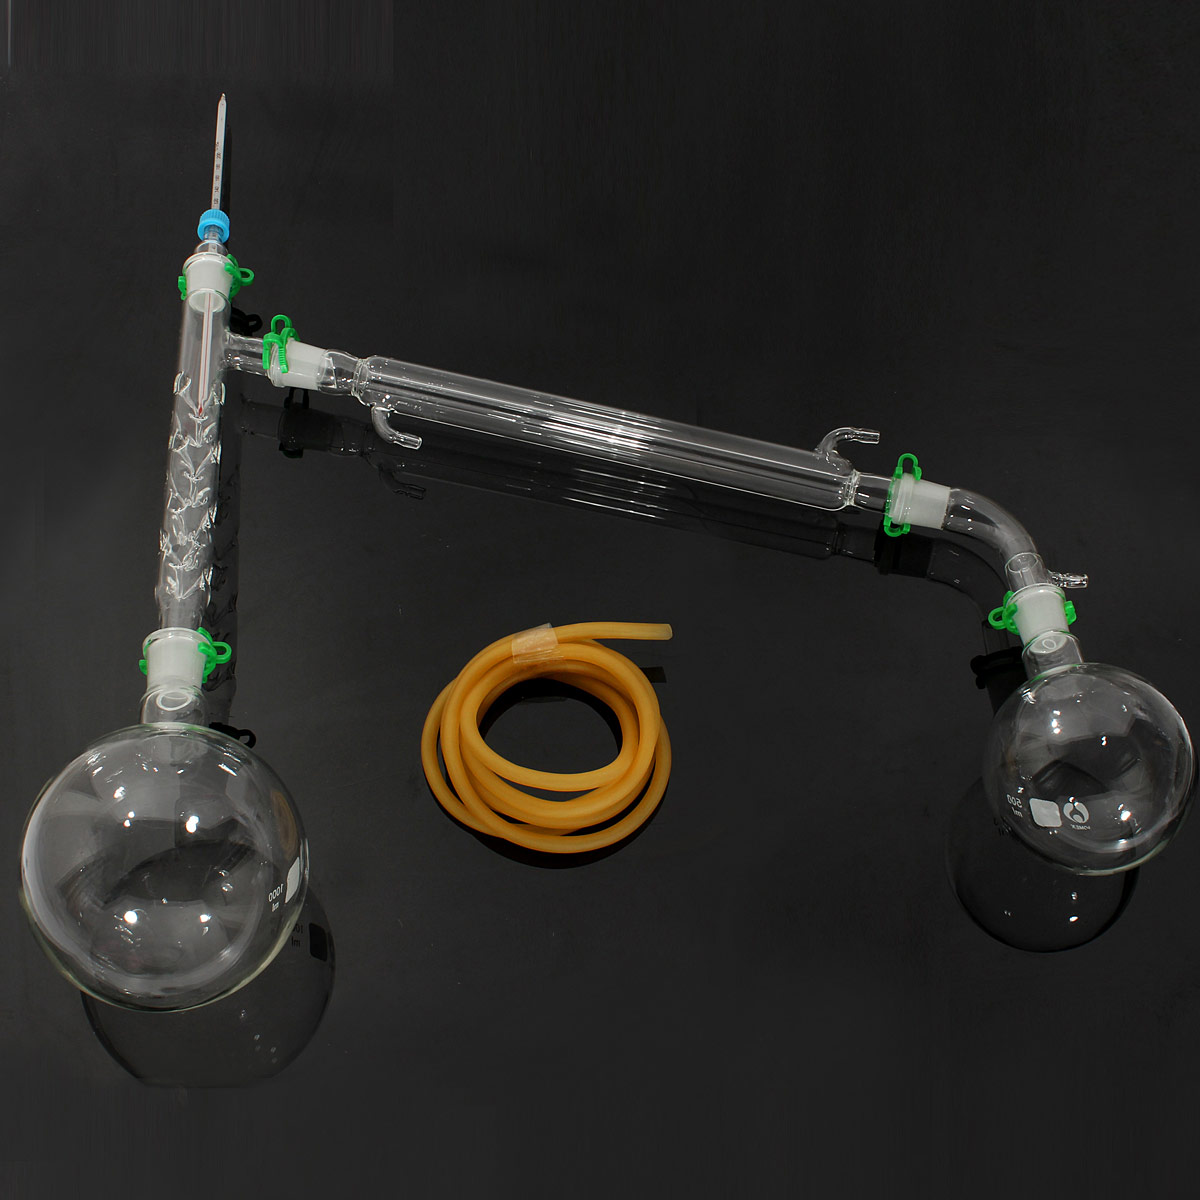 KICUTE 1000 ml appareil de Distillation laboratoire chimie verrerie Kit ensemble laboratoire de chimie verre Distillation appareil de Distillation 24/29 - 2